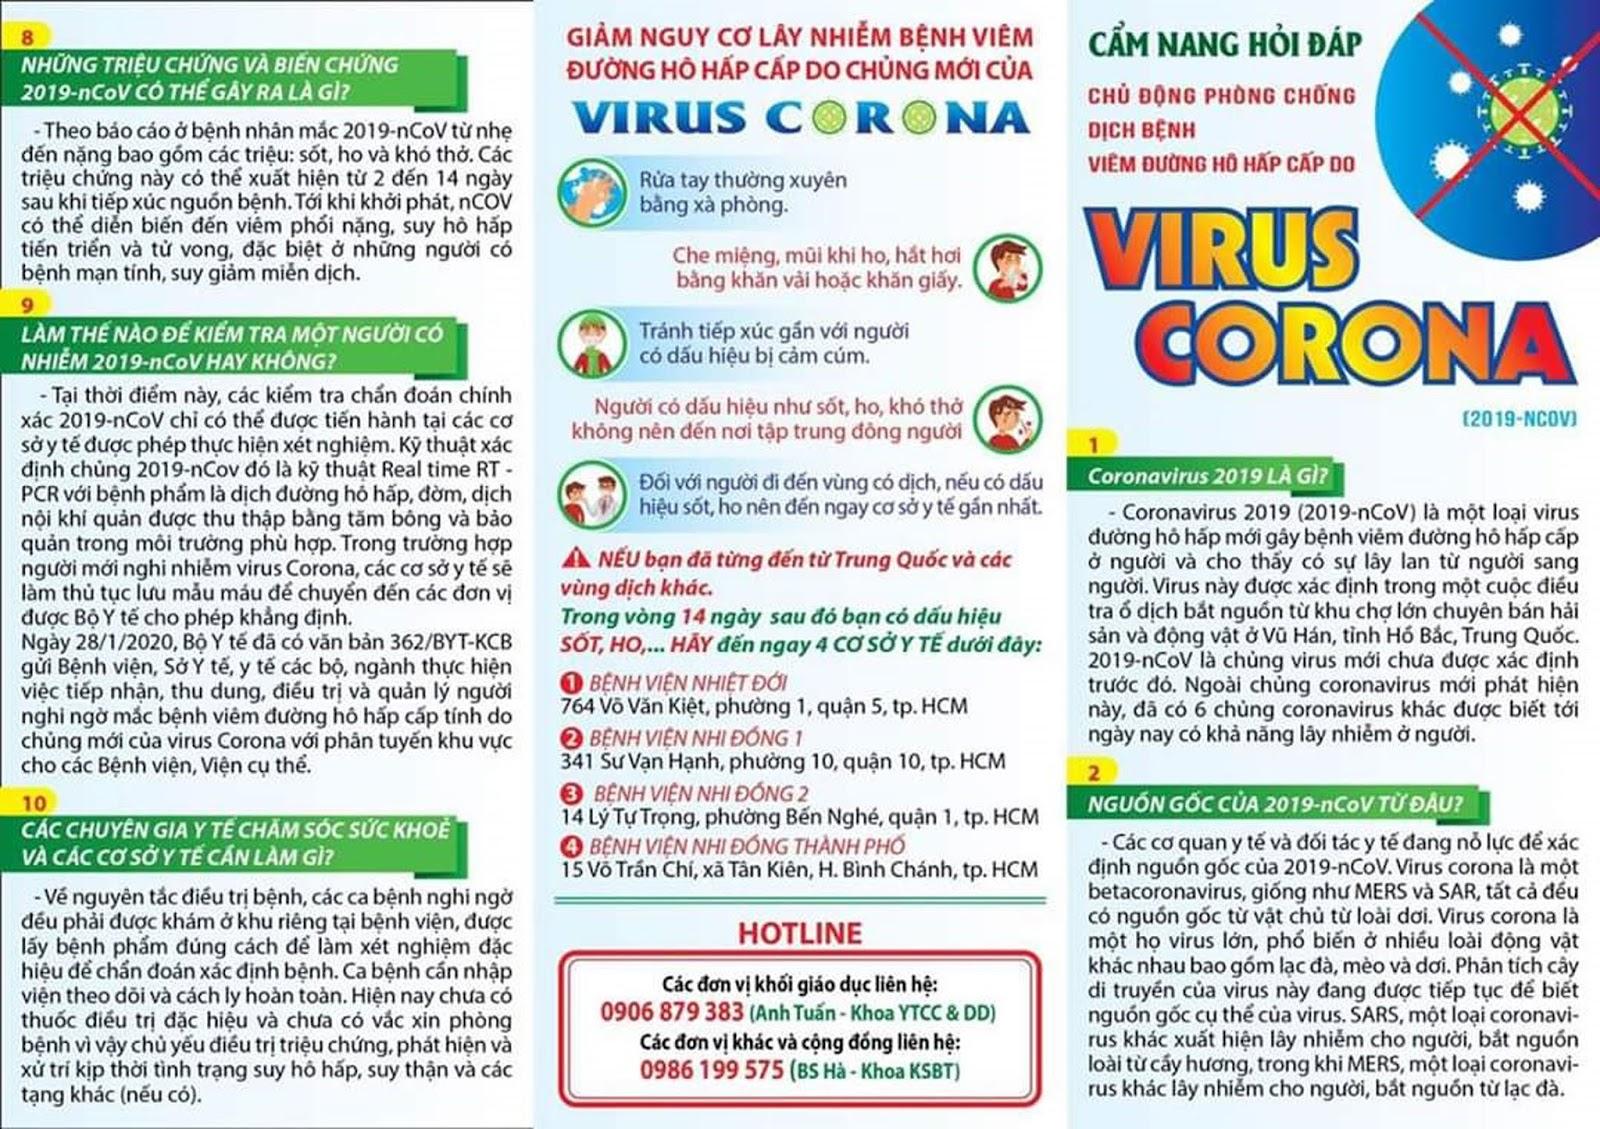 Hướng dẫn phòng chống virus Corona